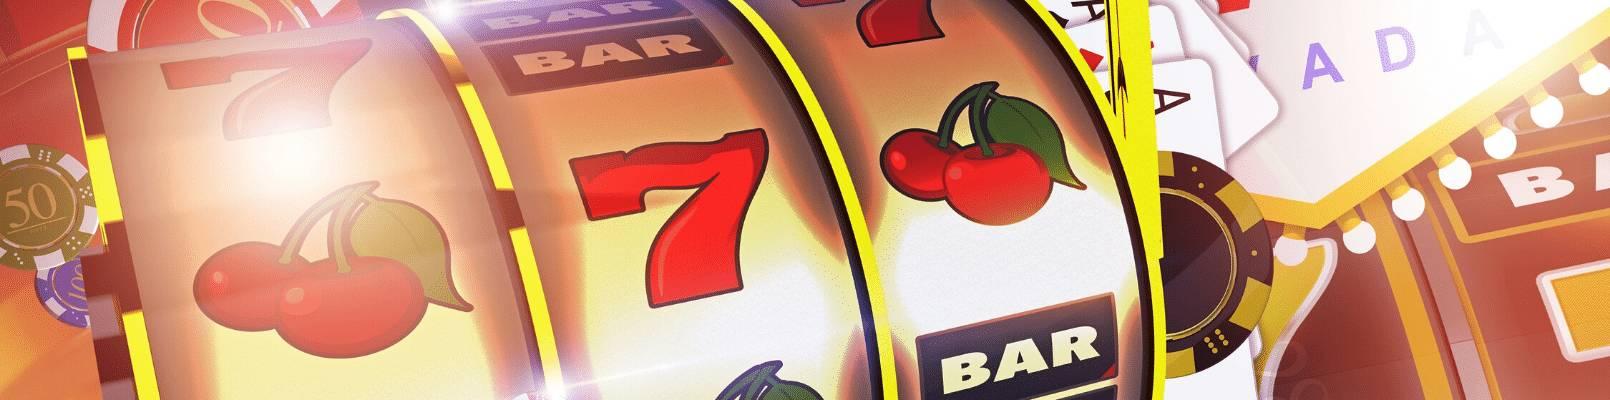 bonus netbet la casino online